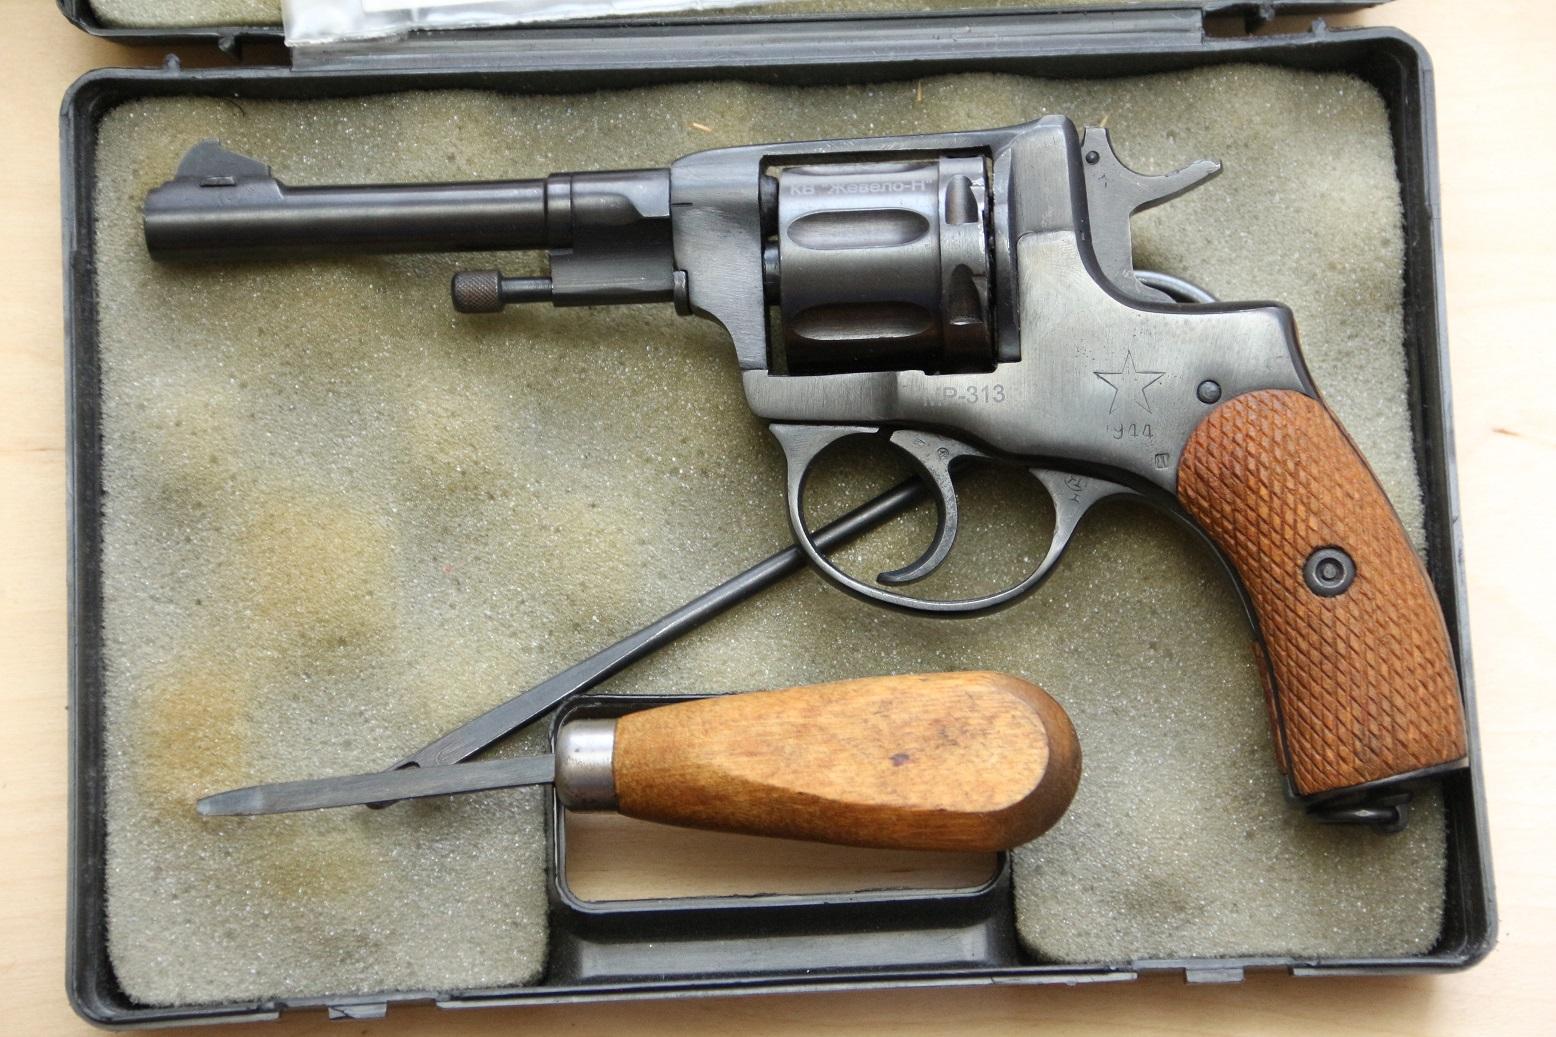 Фото Сигнальный револьвер Наган МР-313, 1944 год, №0931317205